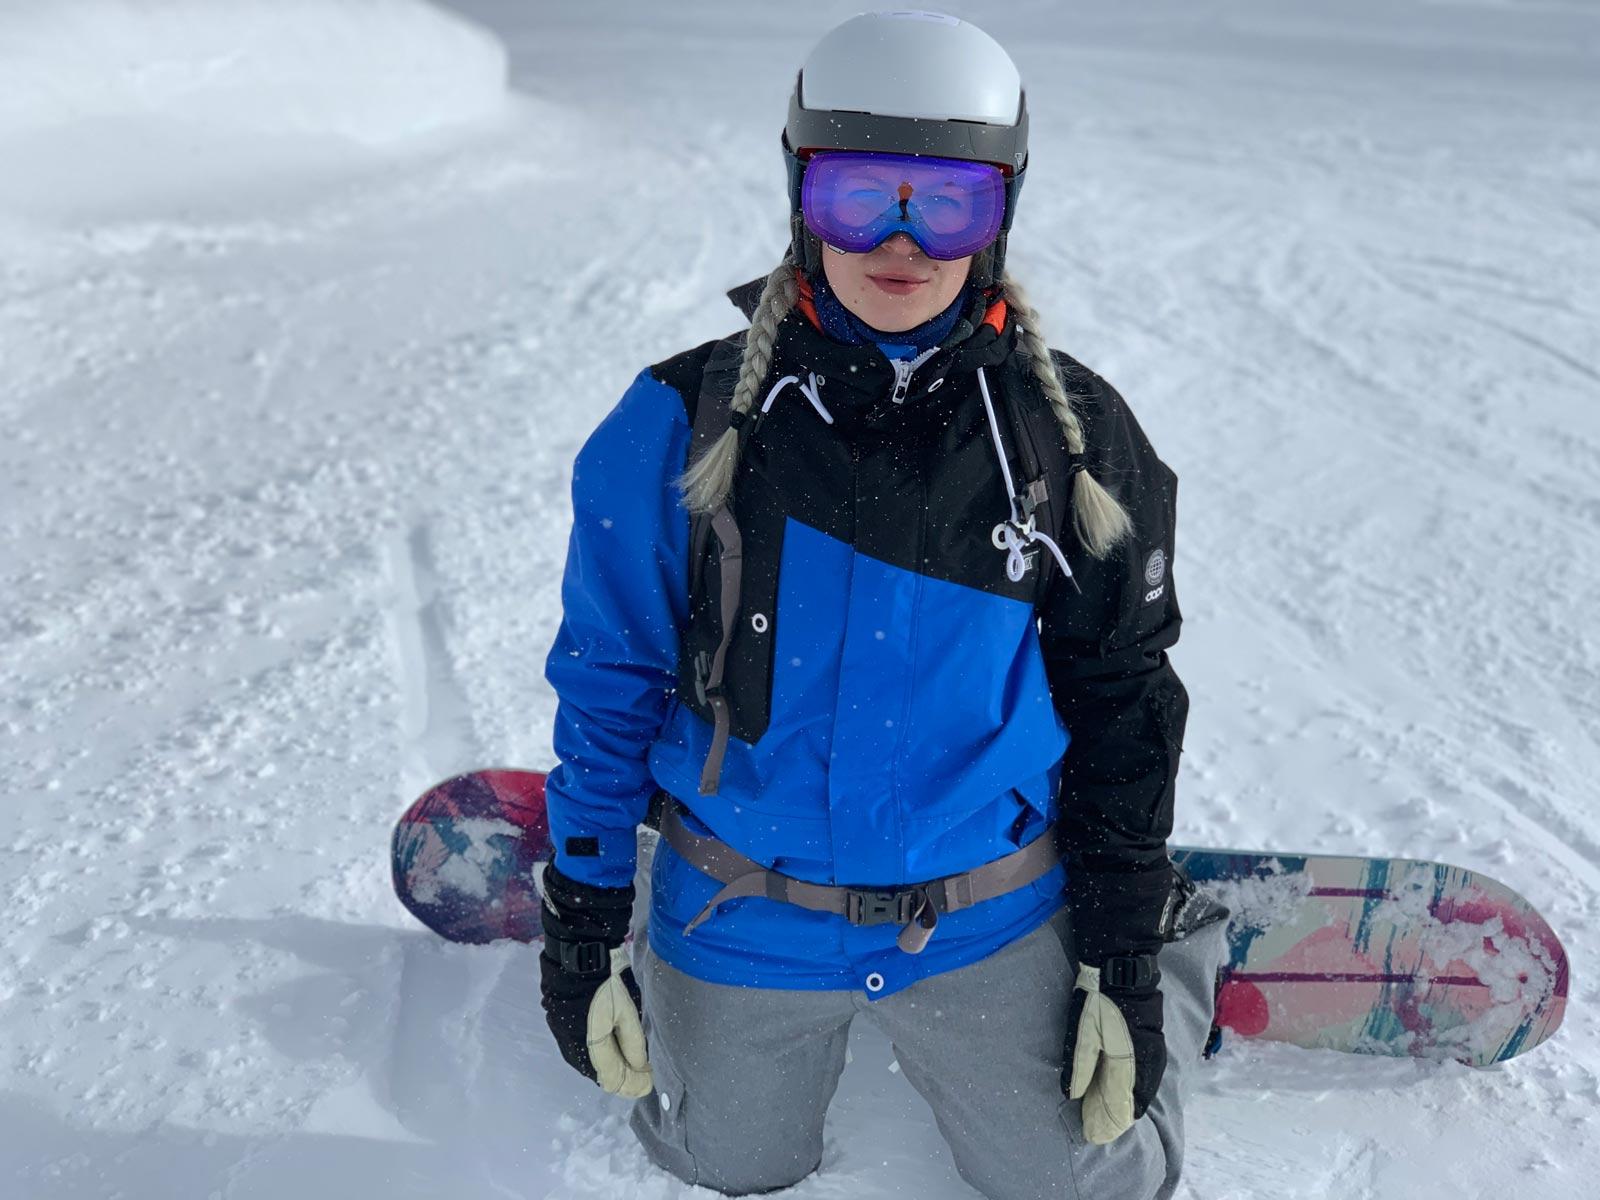 Yvonne op snowboard